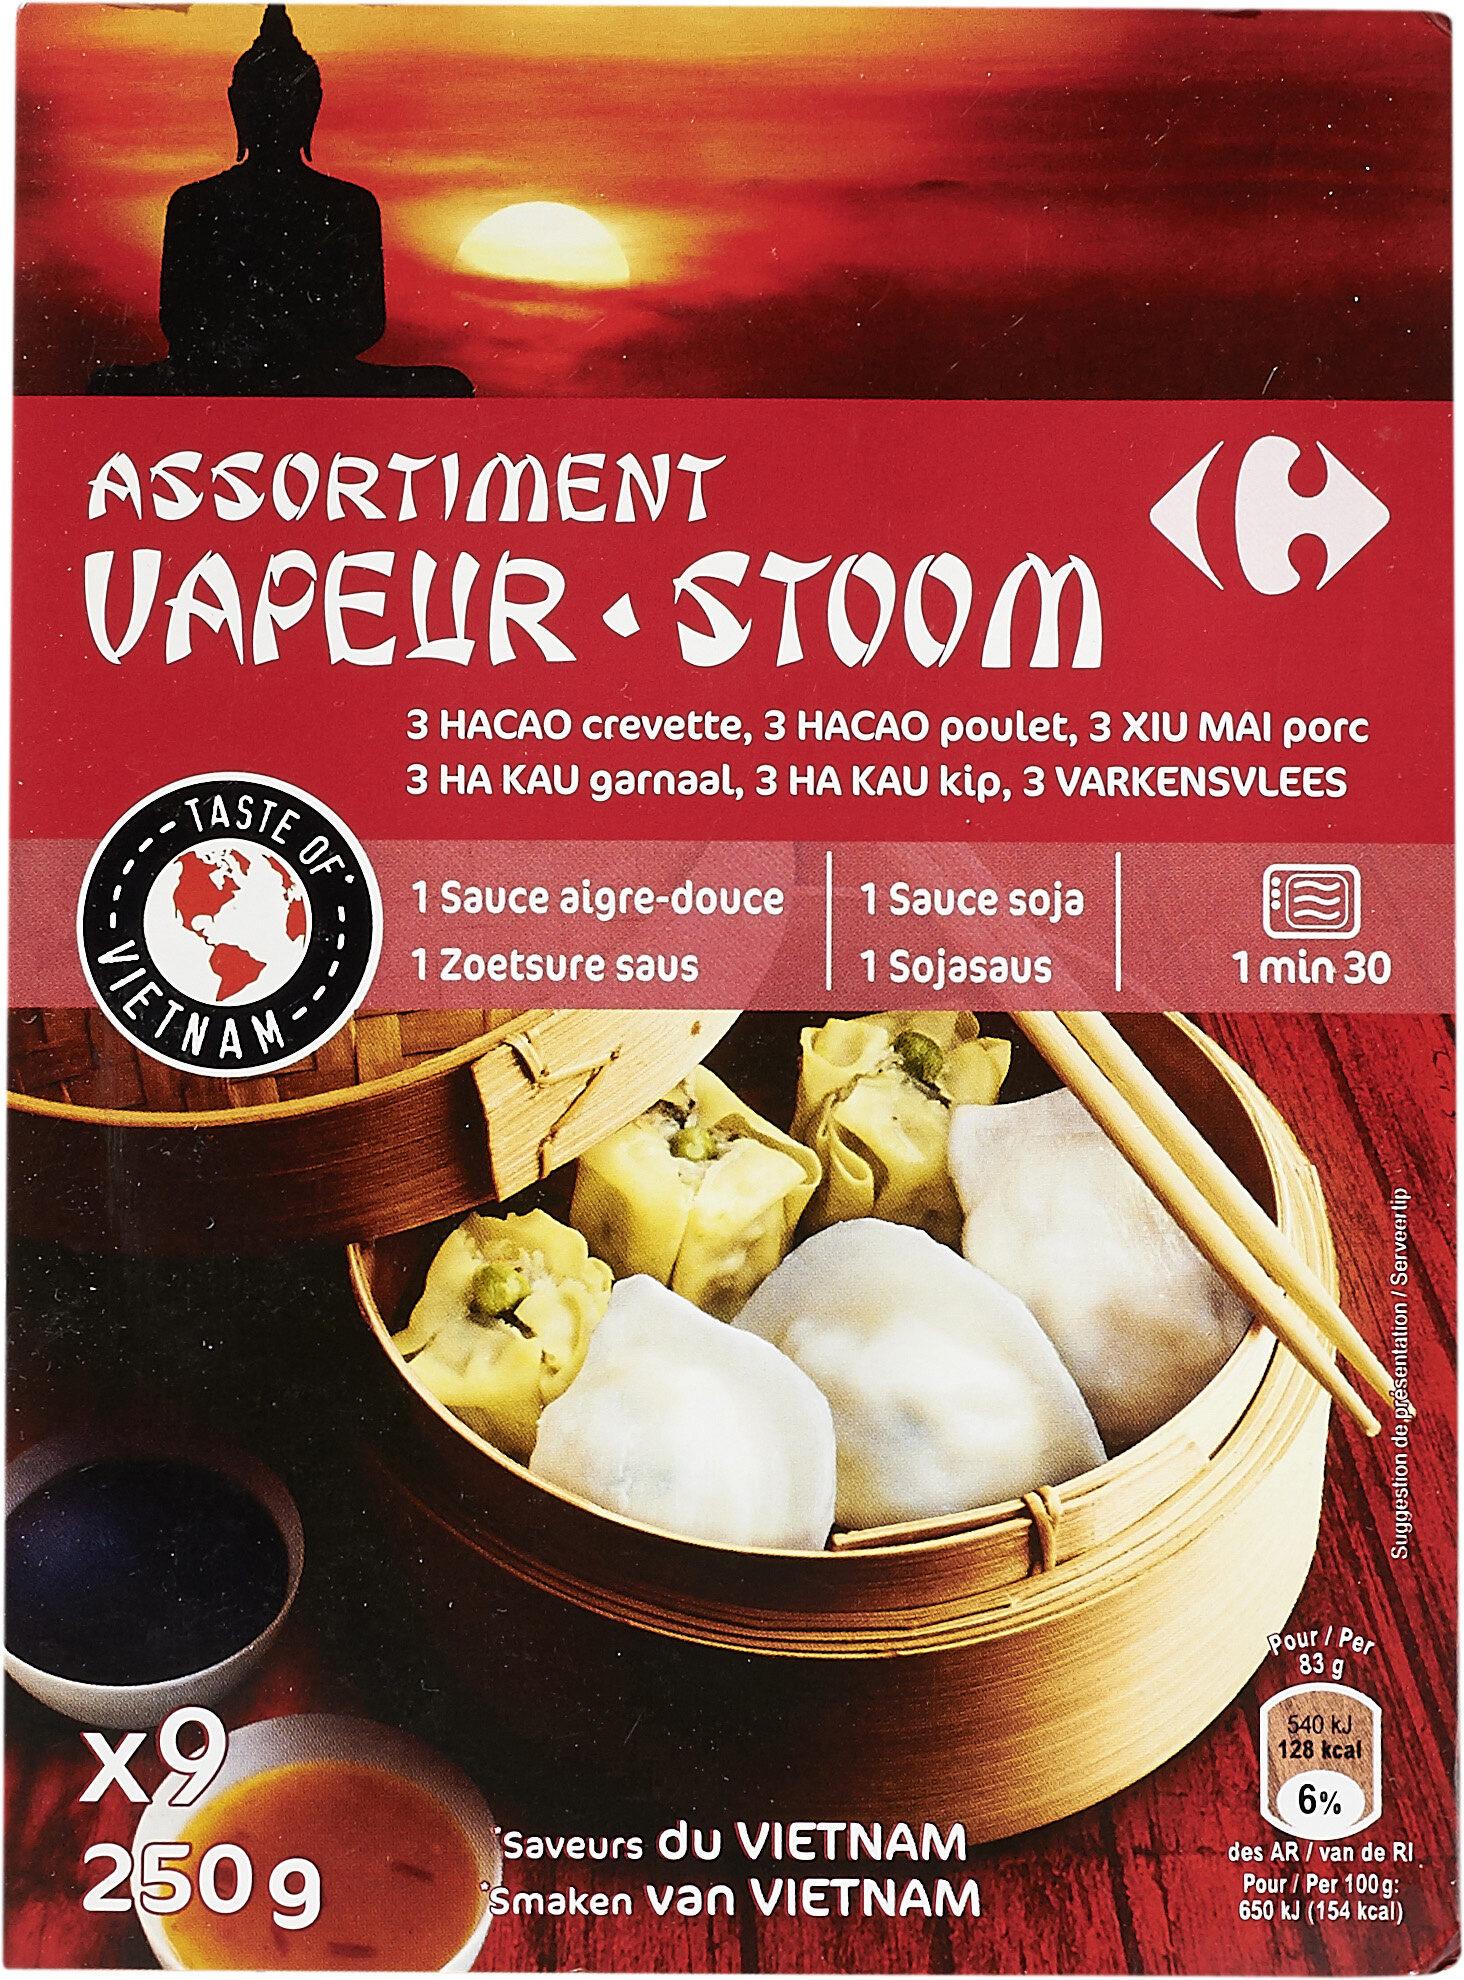 Assortiment Vapeur - Product - fr